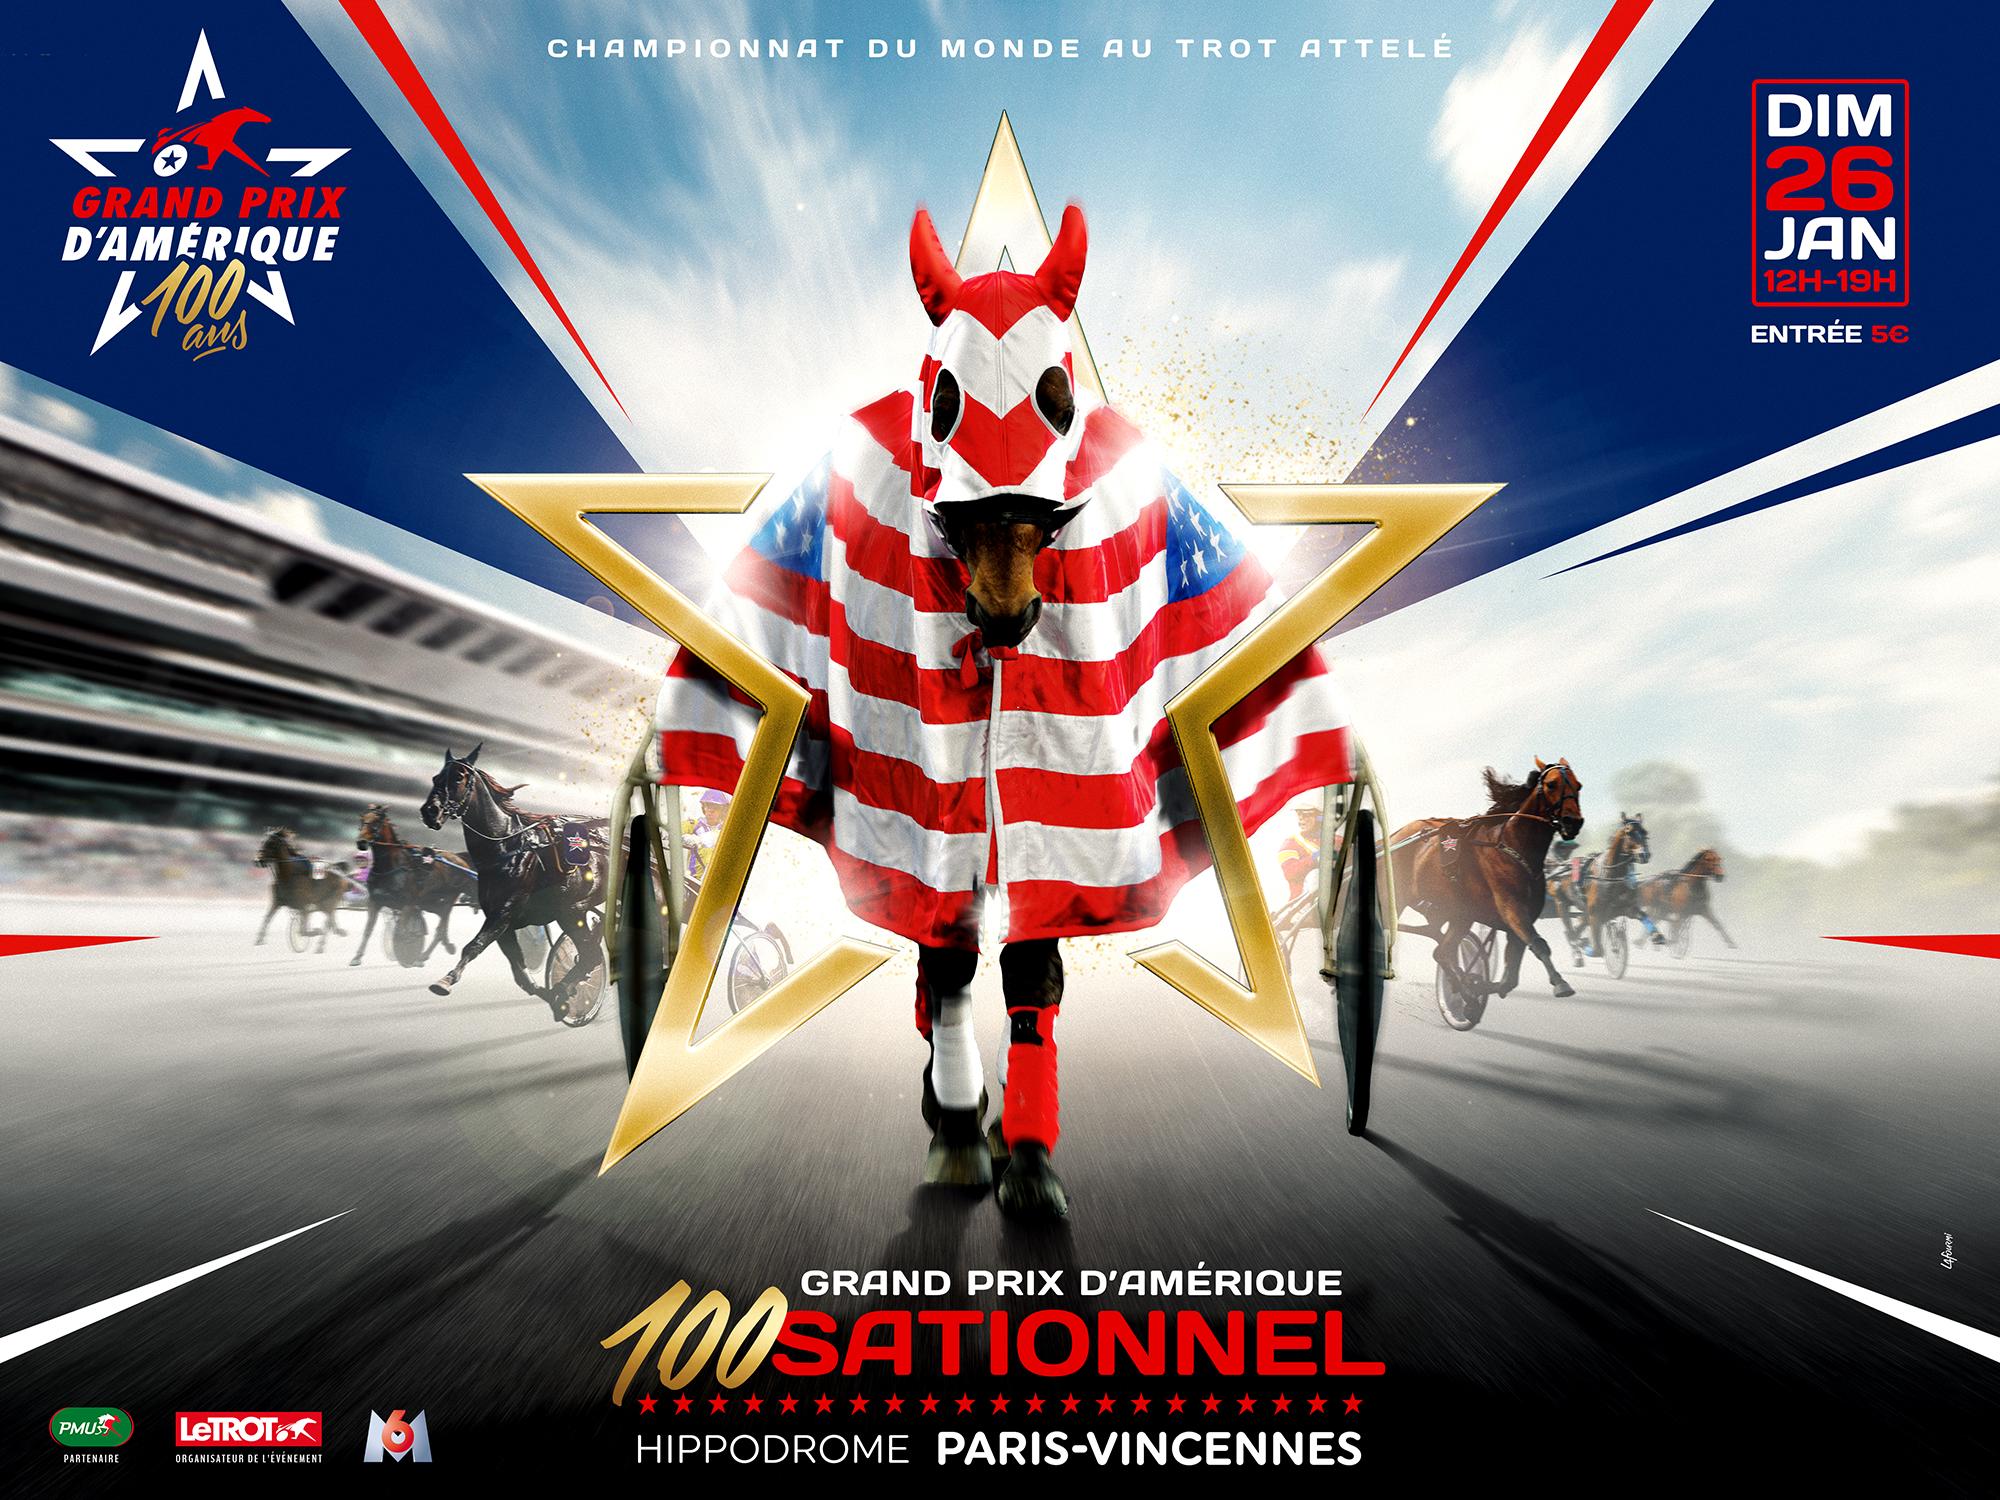 Actualite_news_Le Grand_Prix_Amerique_a_100_ans_une_edition_100sationnelle